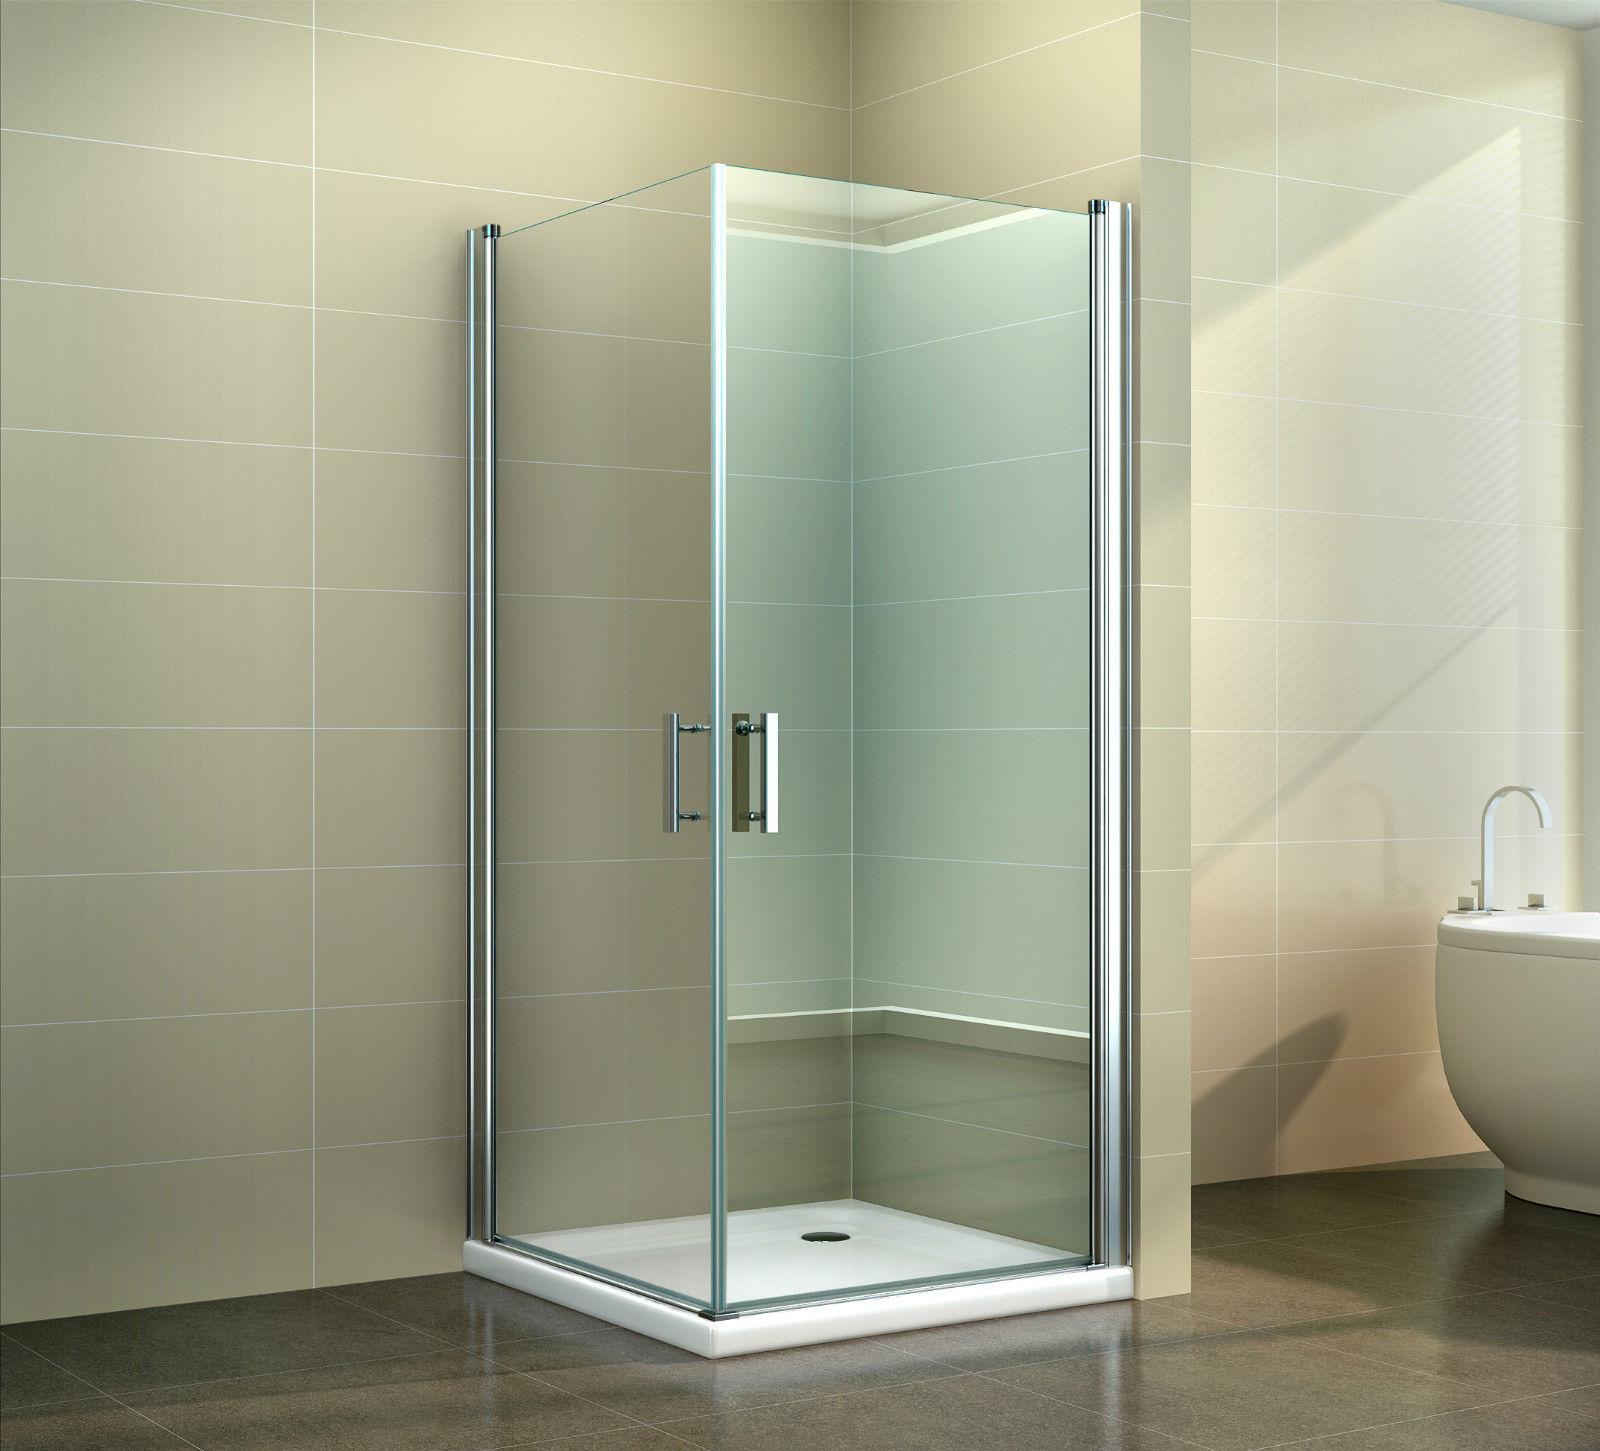 badewanne gegen dusche tauschen kosten great austausch badewanne gegen dusche kinemagic royal. Black Bedroom Furniture Sets. Home Design Ideas